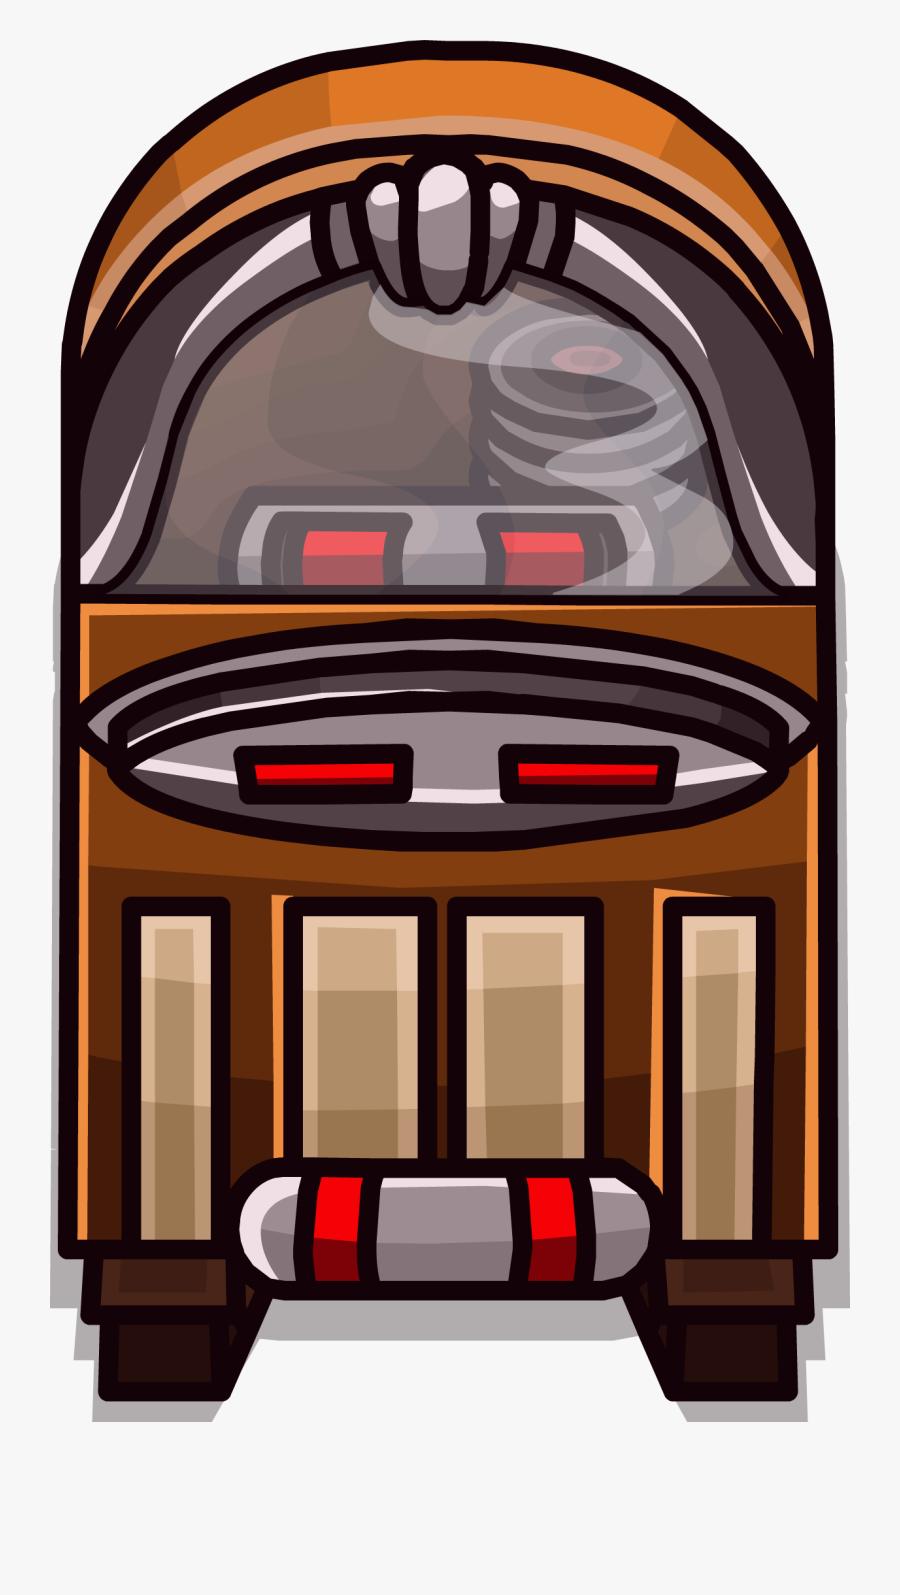 Jukebox Clipart Retro.